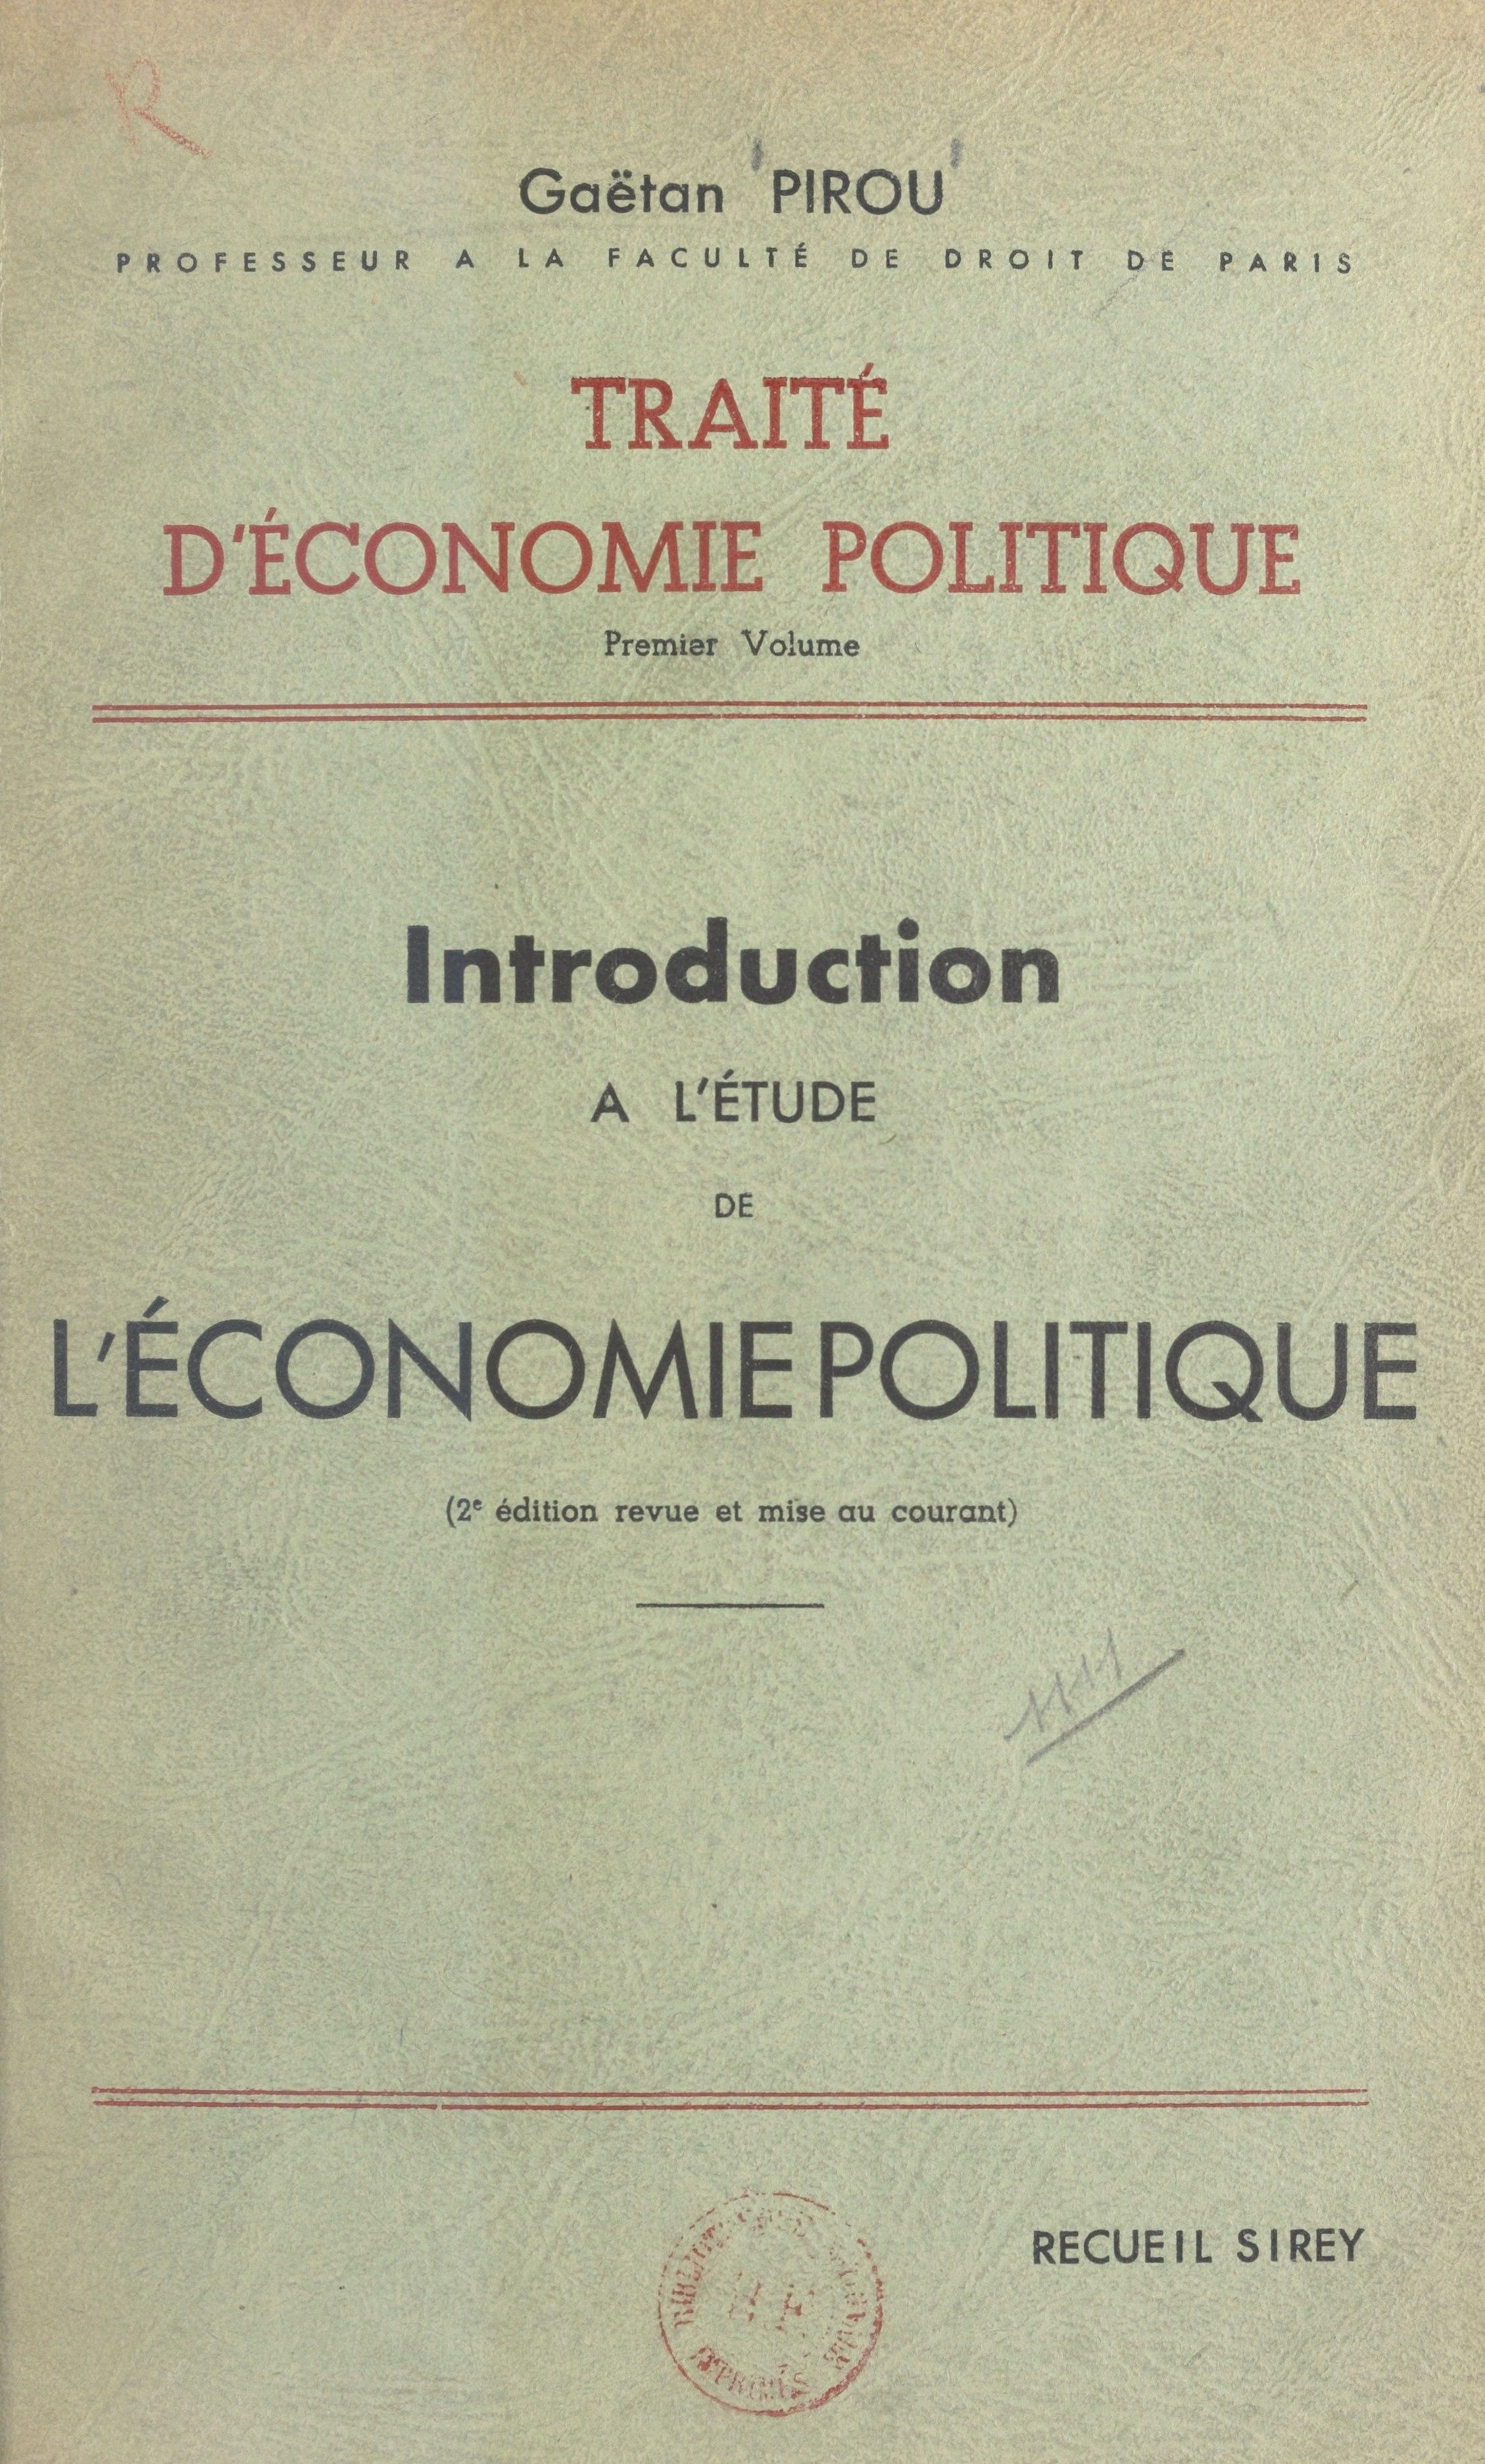 Traité d'économie politique (1), INTRODUCTION À L'ÉTUDE DE L'ÉCONOMIE POLITIQUE